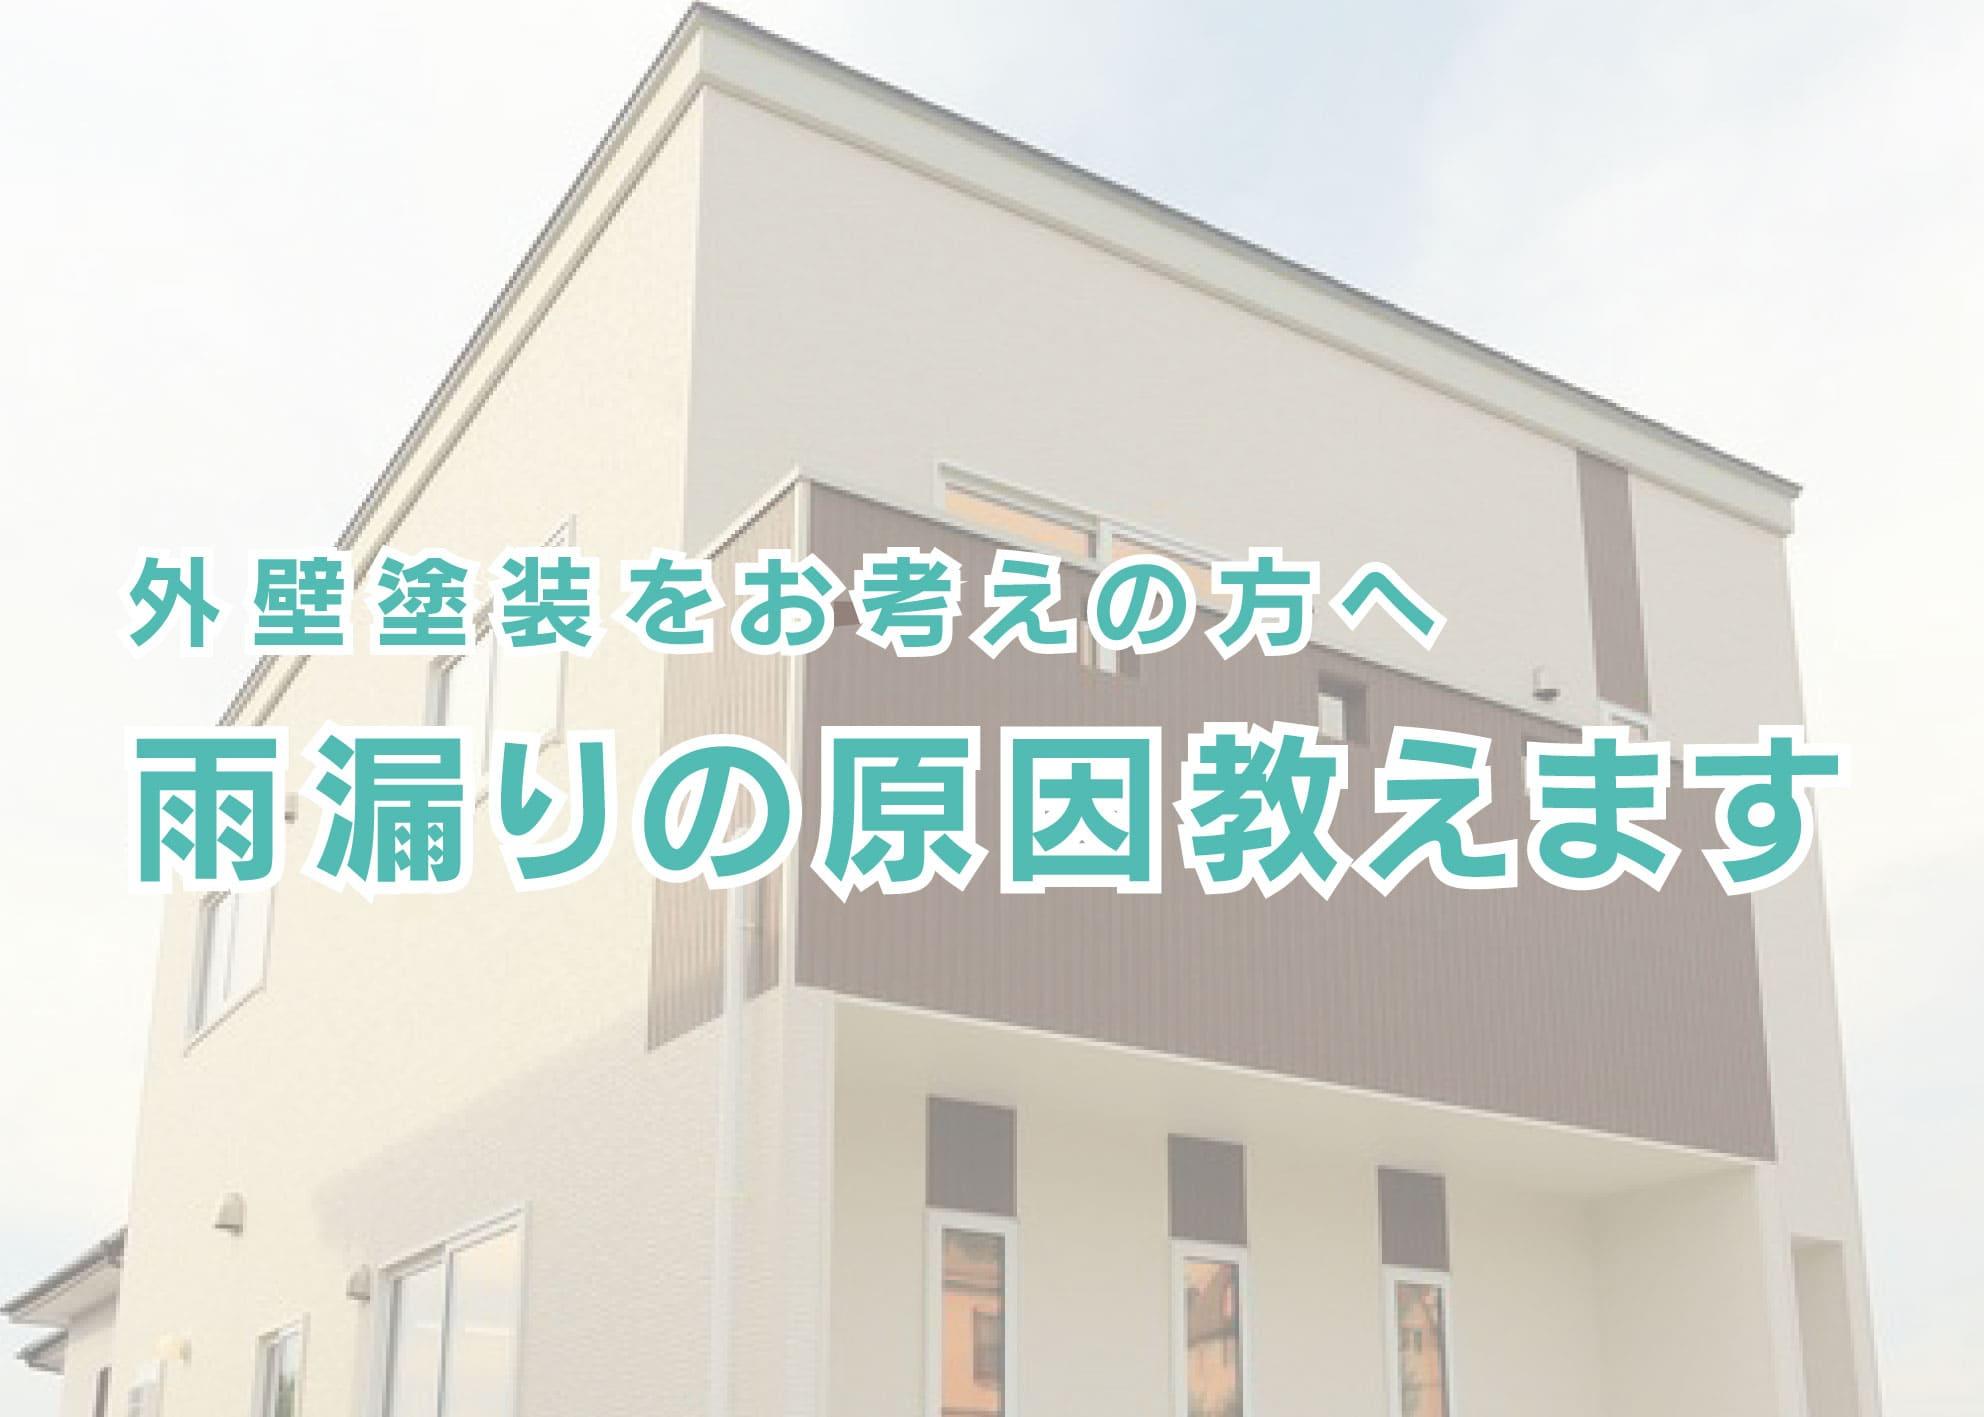 横浜市で外壁塗装をお考えの方へ 雨漏りの原因教えます